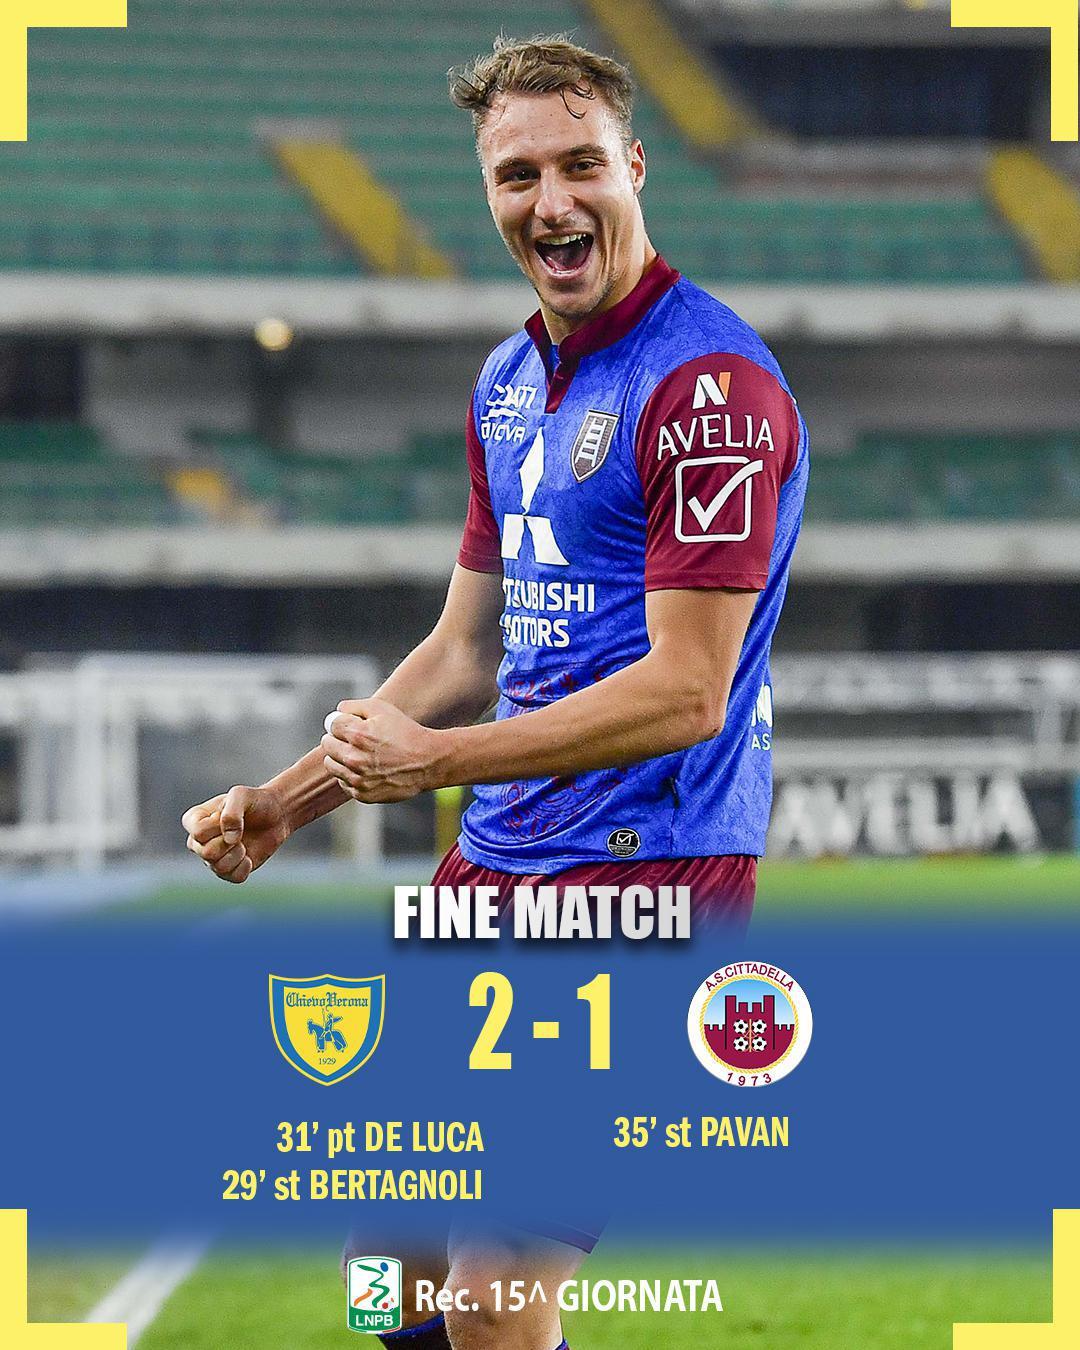 #ChievoCittadella 2-1: il tabellino del match